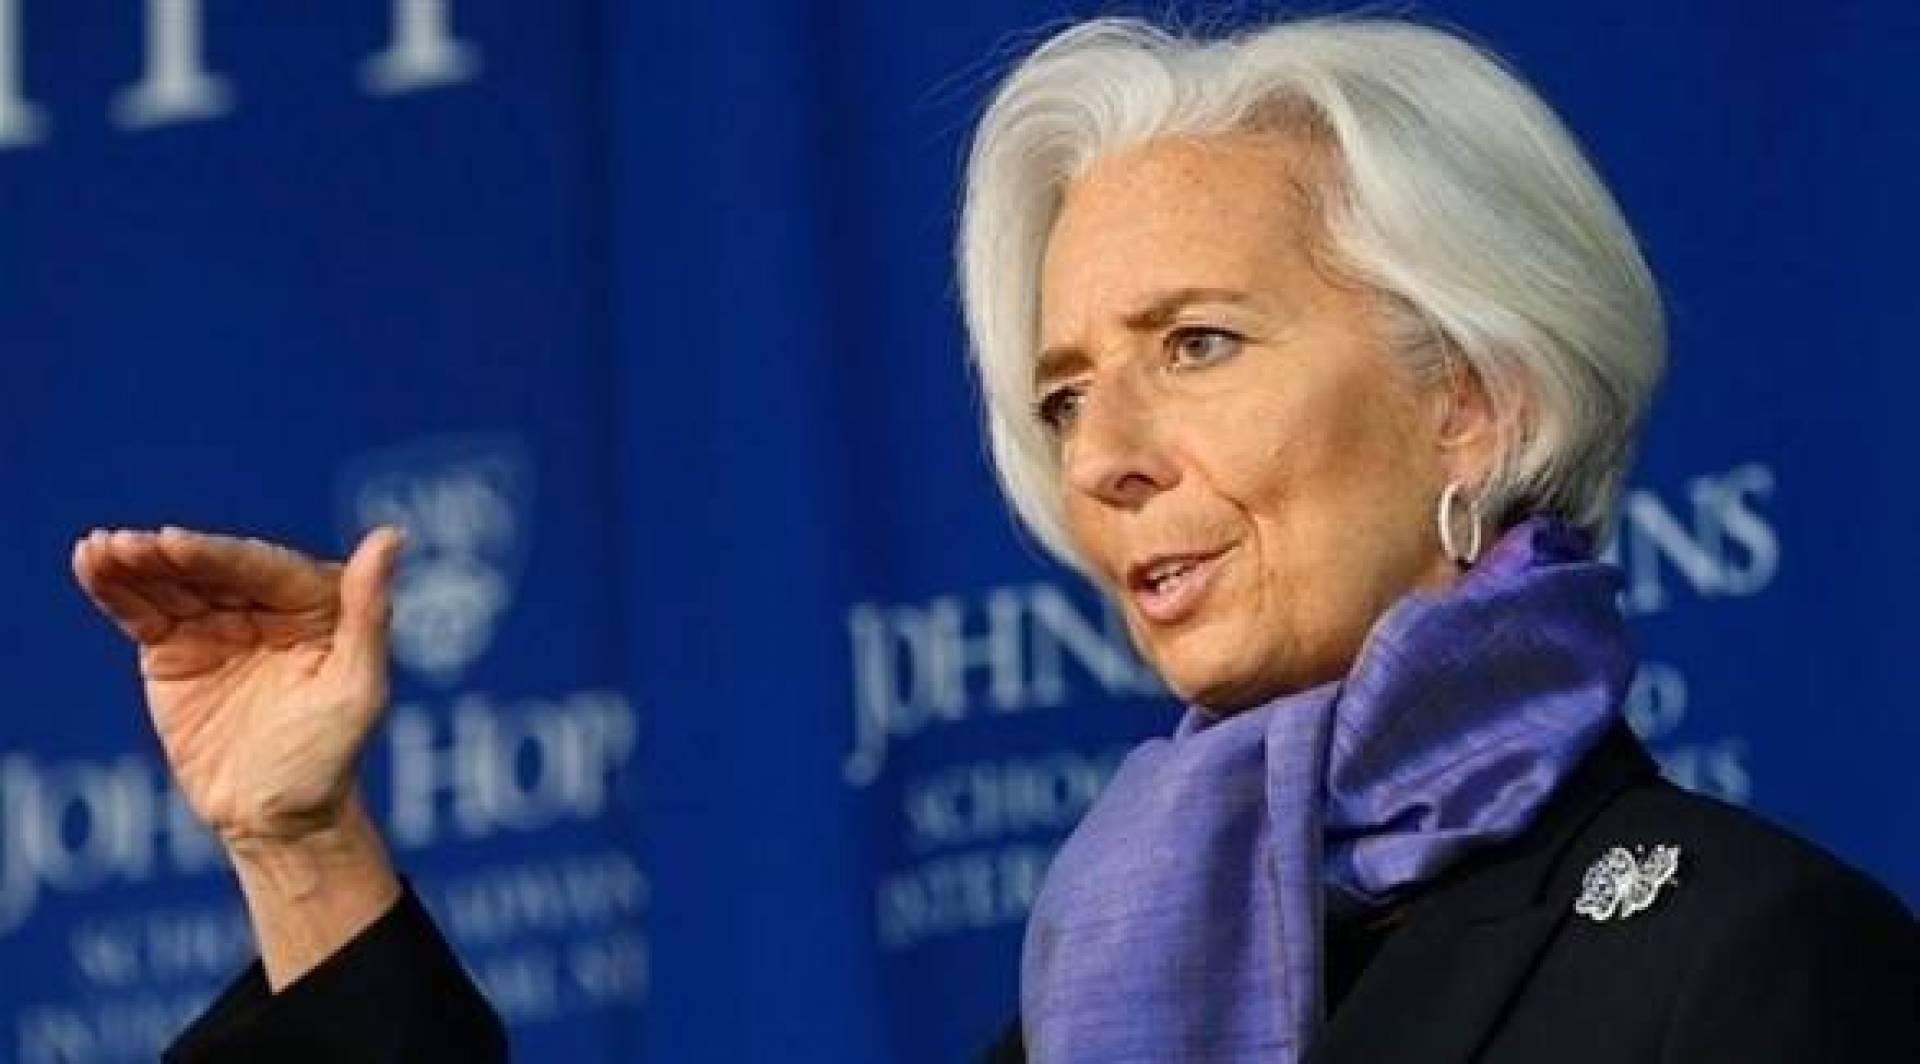 لاغارد تحث حكومات منطقة اليورو على الإنفاق بسخاء أثناء التعافي